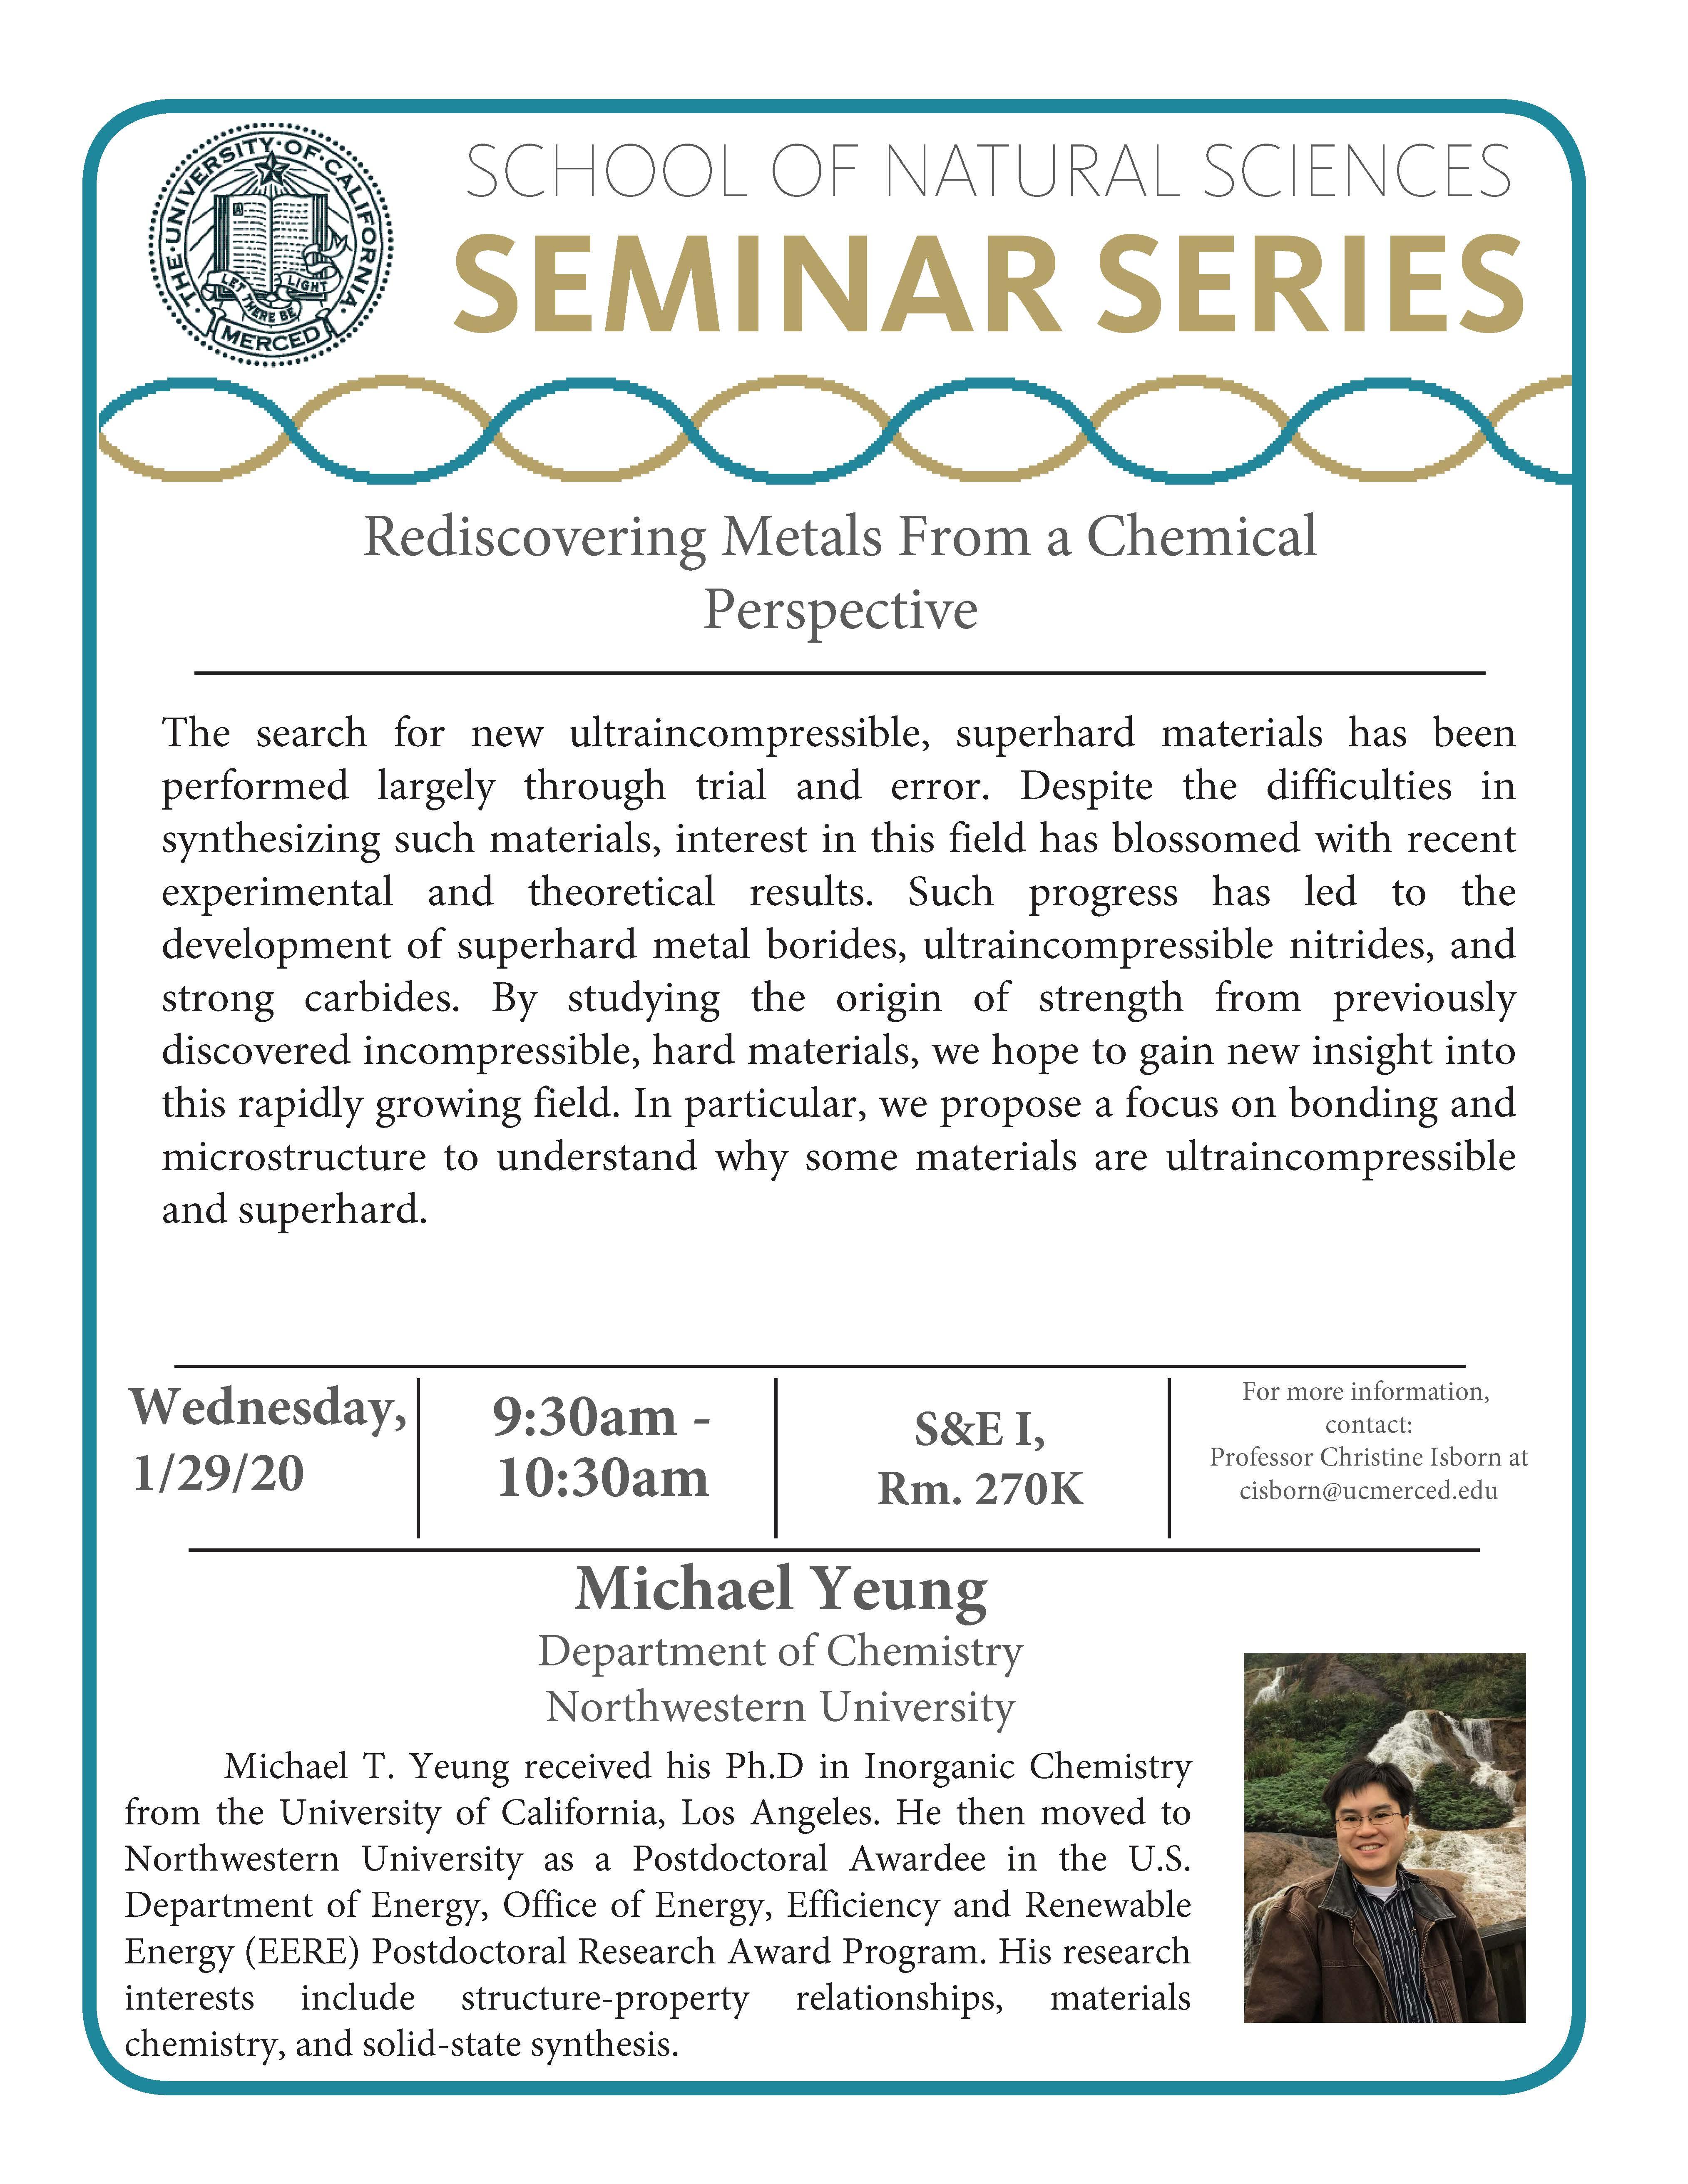 CCB Seminar: Dr. Michael Yeung